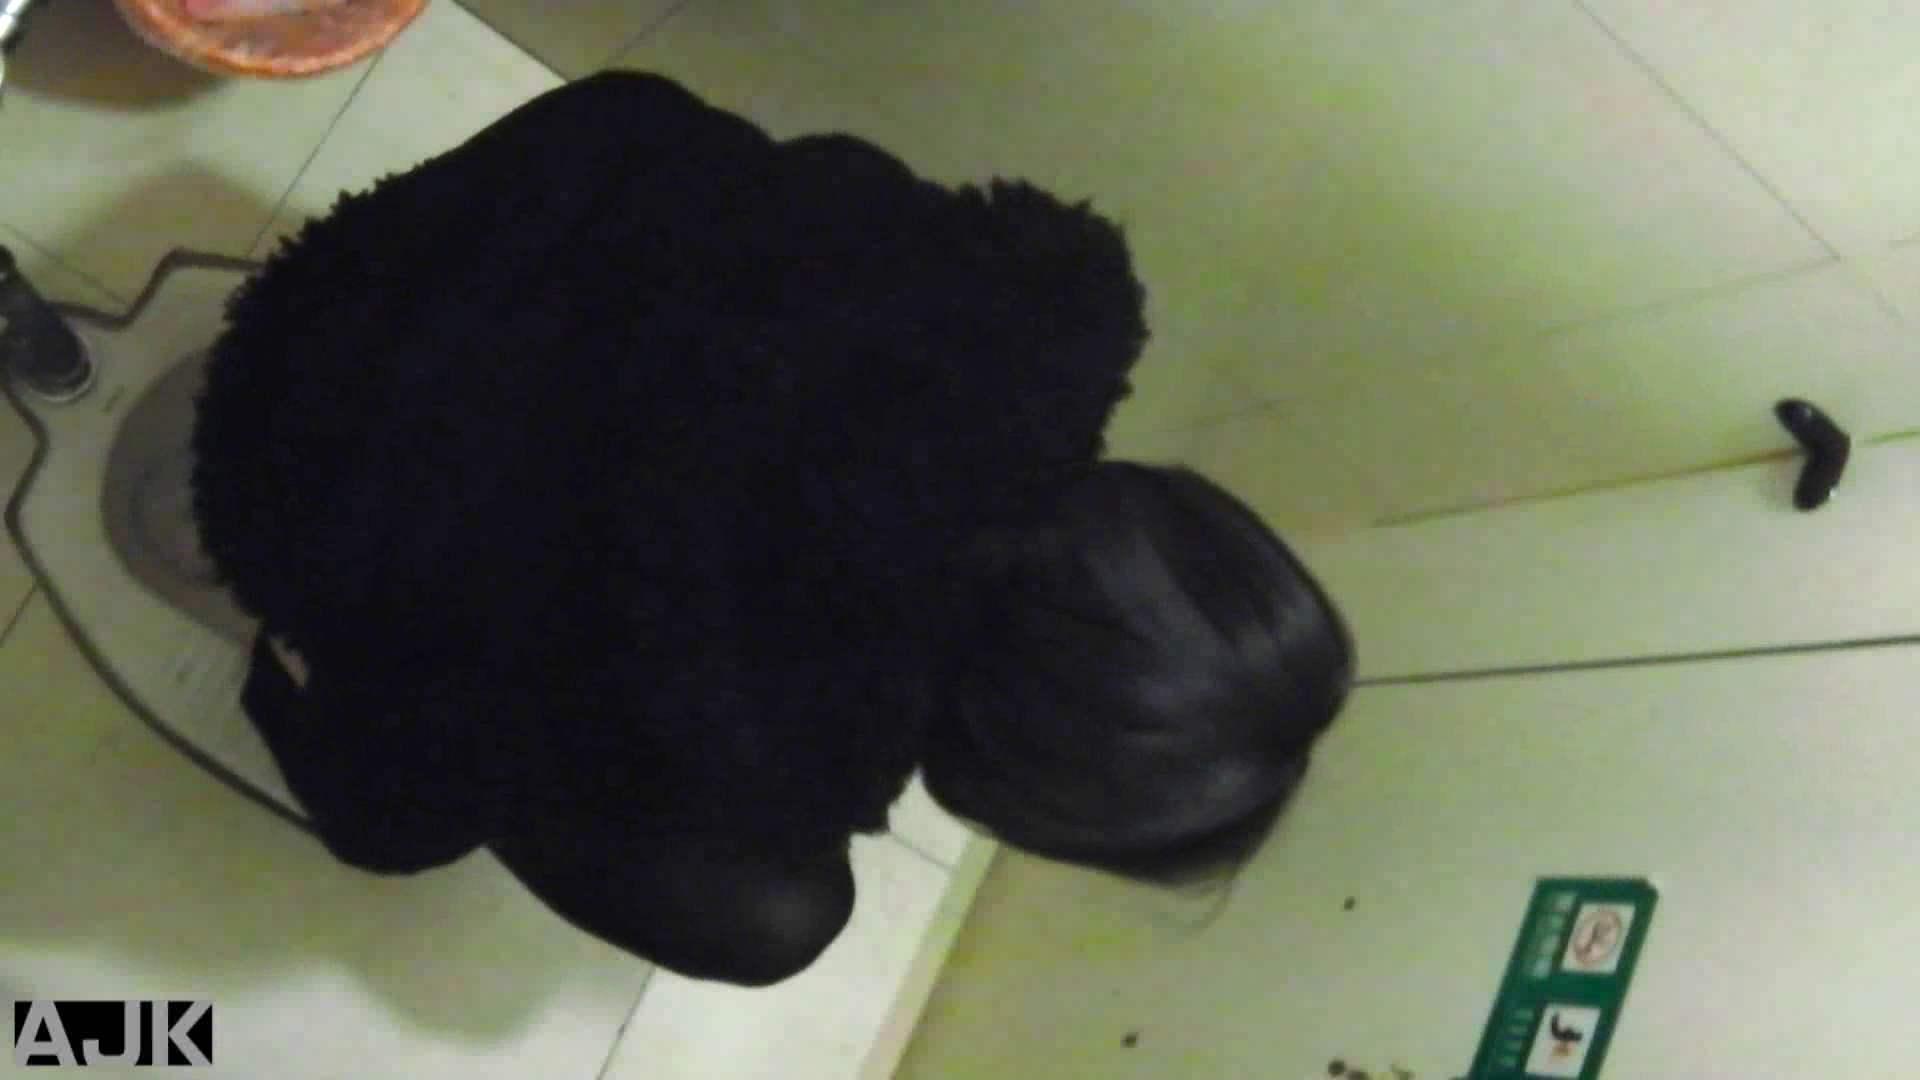 隣国上階級エリアの令嬢たちが集うデパートお手洗い Vol.19 オマンコ  89PIX 36